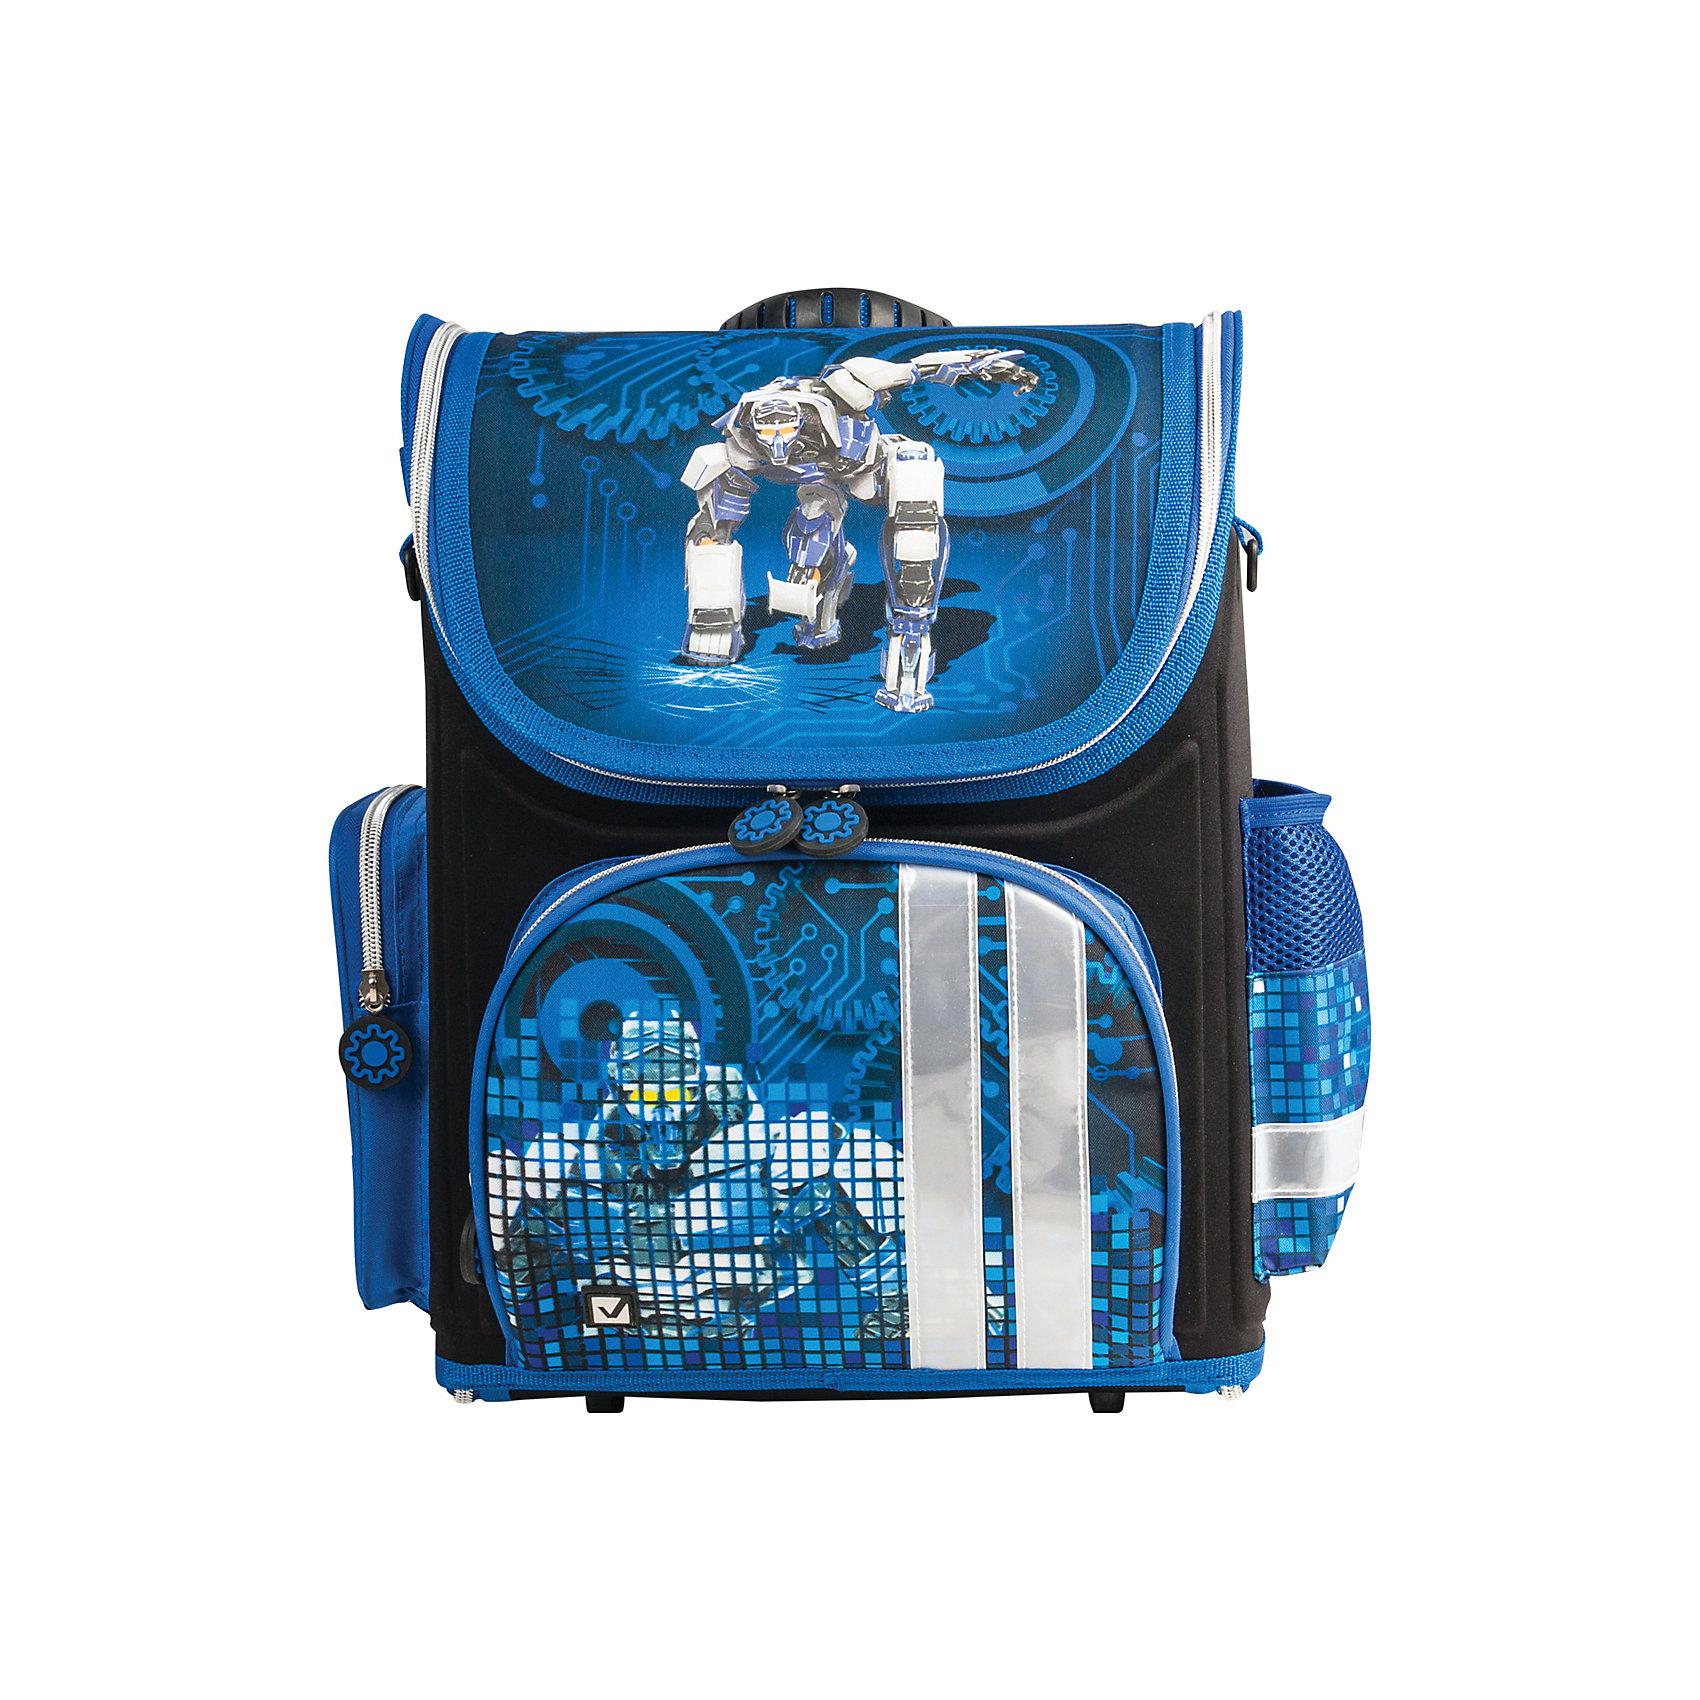 Ранец жесткокаркасный раскладной BRAUBERG для начальной школы, мальчик, Робот, 20 литров, 37*29*17смРанцы<br>Рюкзак Робот предназначен для мальчиков 7-10 лет. Он выполнен в черном и темно-синем цвете, а дополняет его изображение робота, которое привлечет внимание маленьких техников.<br><br>Ширина мм: 60<br>Глубина мм: 300<br>Высота мм: 210<br>Вес г: 870<br>Возраст от месяцев: 72<br>Возраст до месяцев: 216<br>Пол: Мужской<br>Возраст: Детский<br>SKU: 7036864